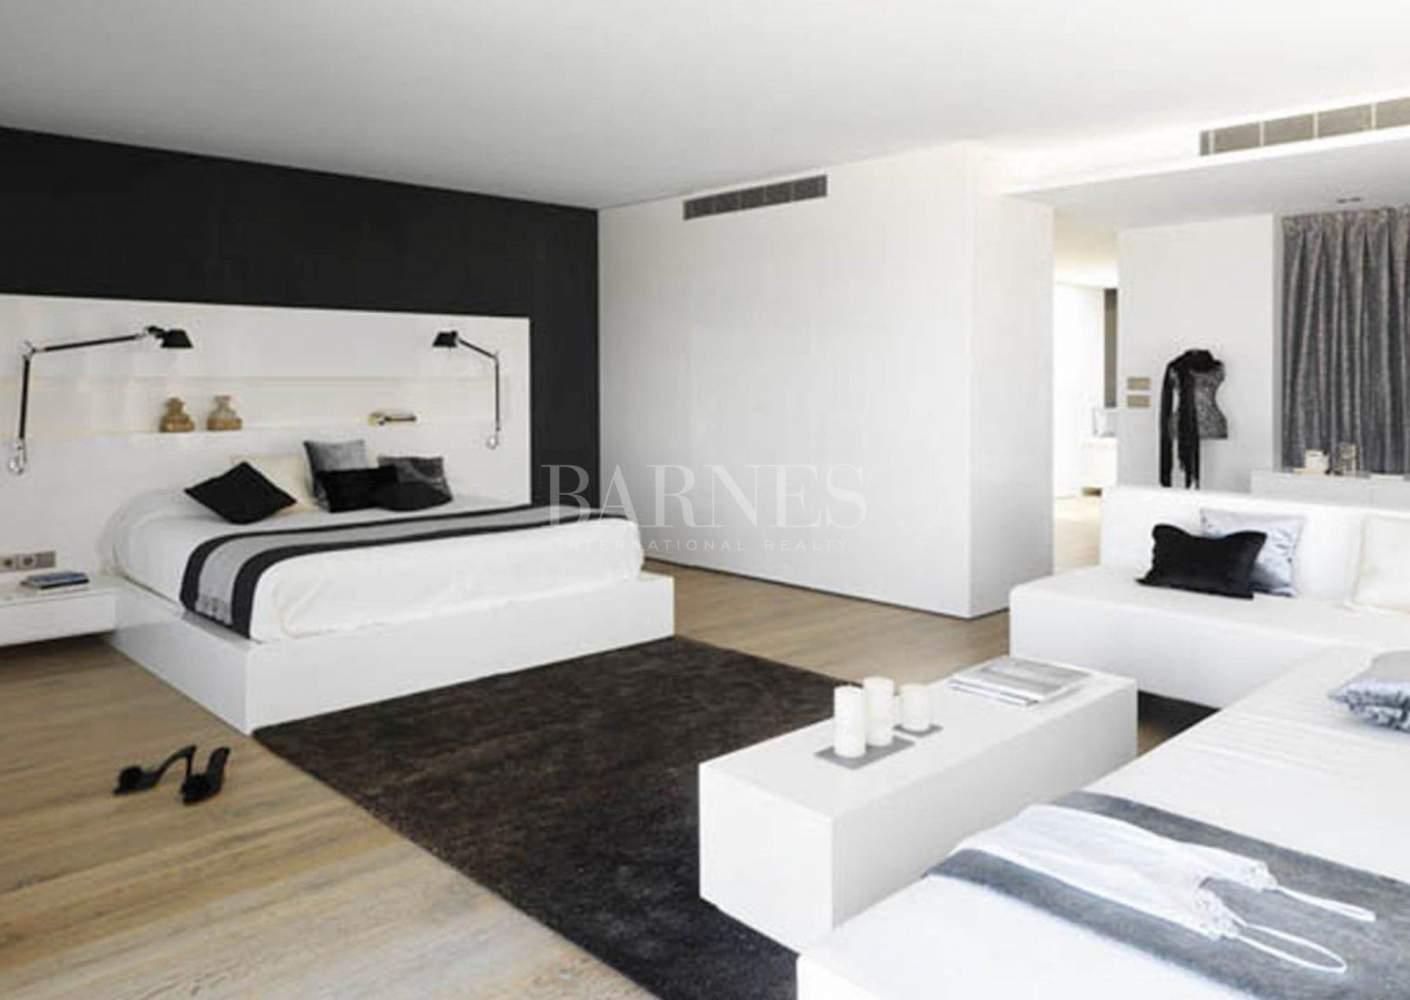 La Cala de Mijas  - Villa 10 Cuartos 4 Habitaciones - picture 6